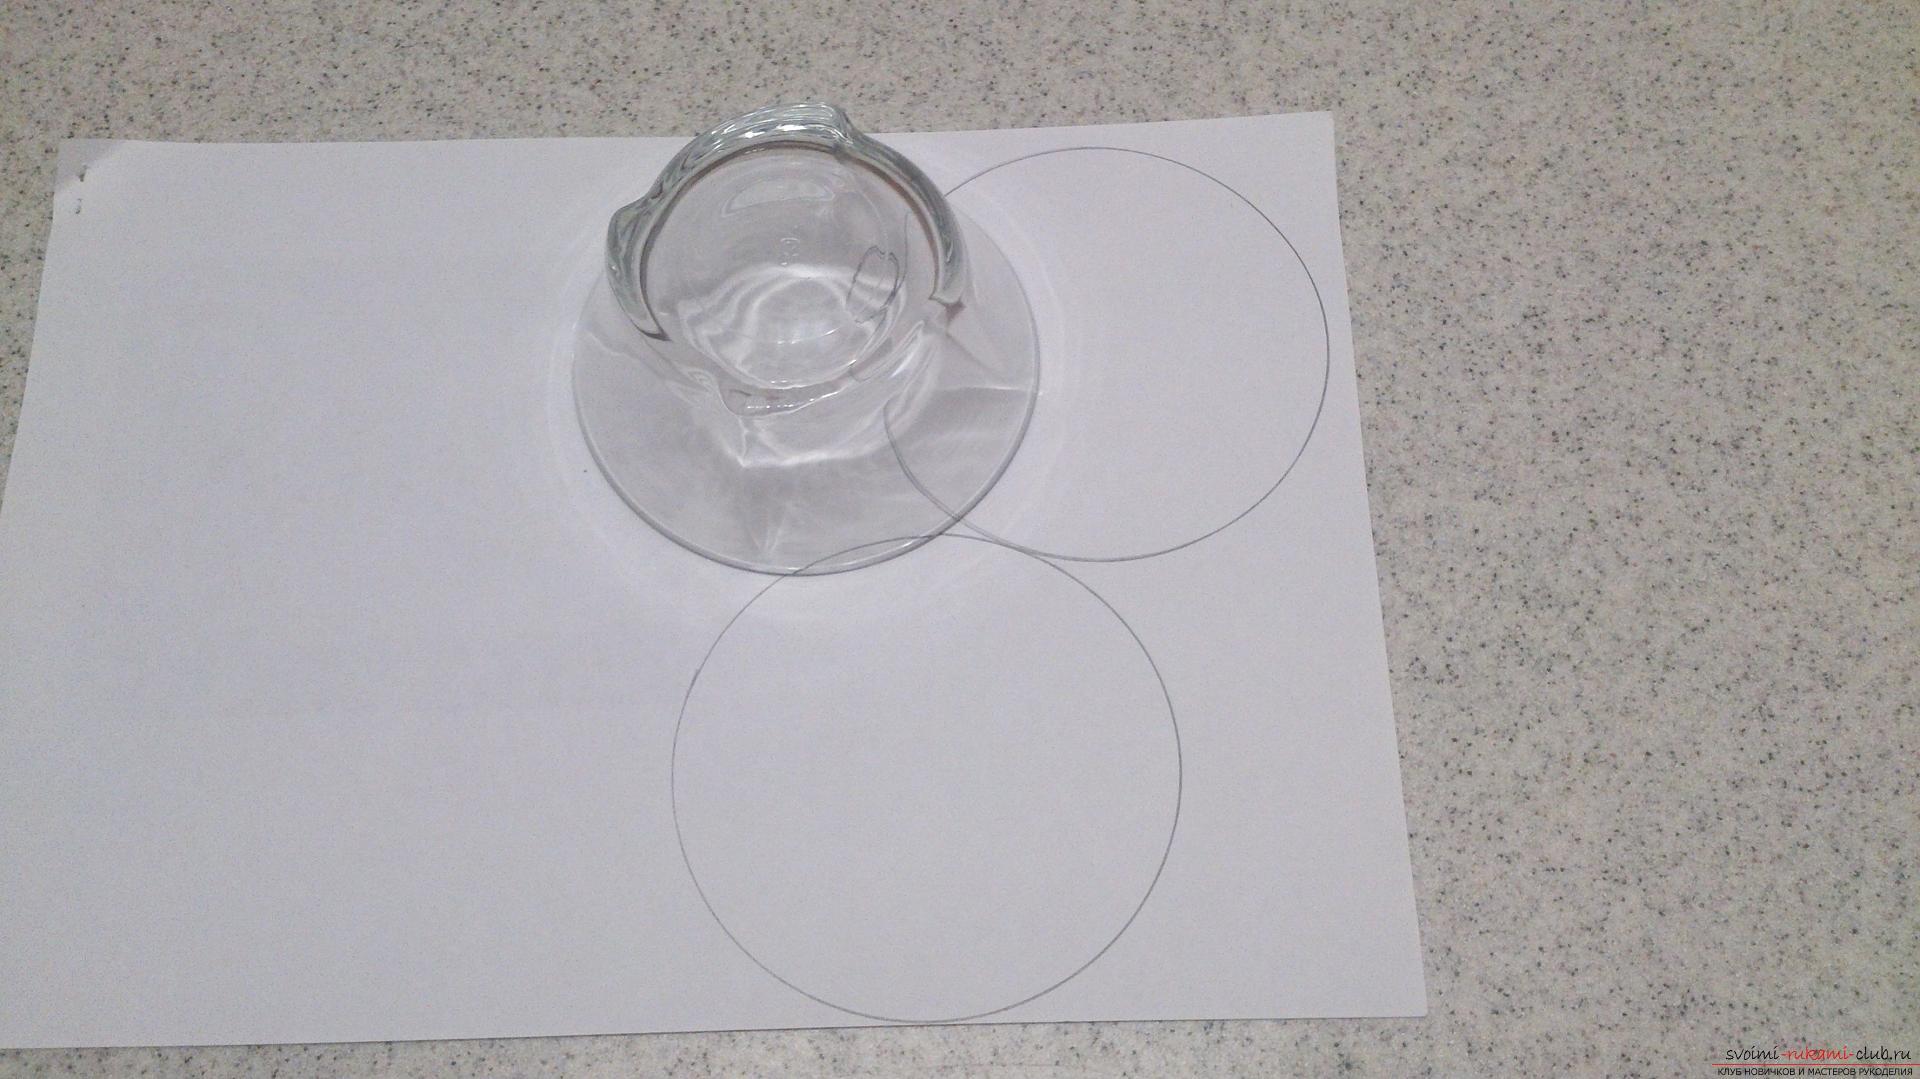 Поделки в технике бумагопластики очень разнообразны, предлагаем сделать картину из цветов, а цветы из бумаги изготовим своими руками.. Фото №1